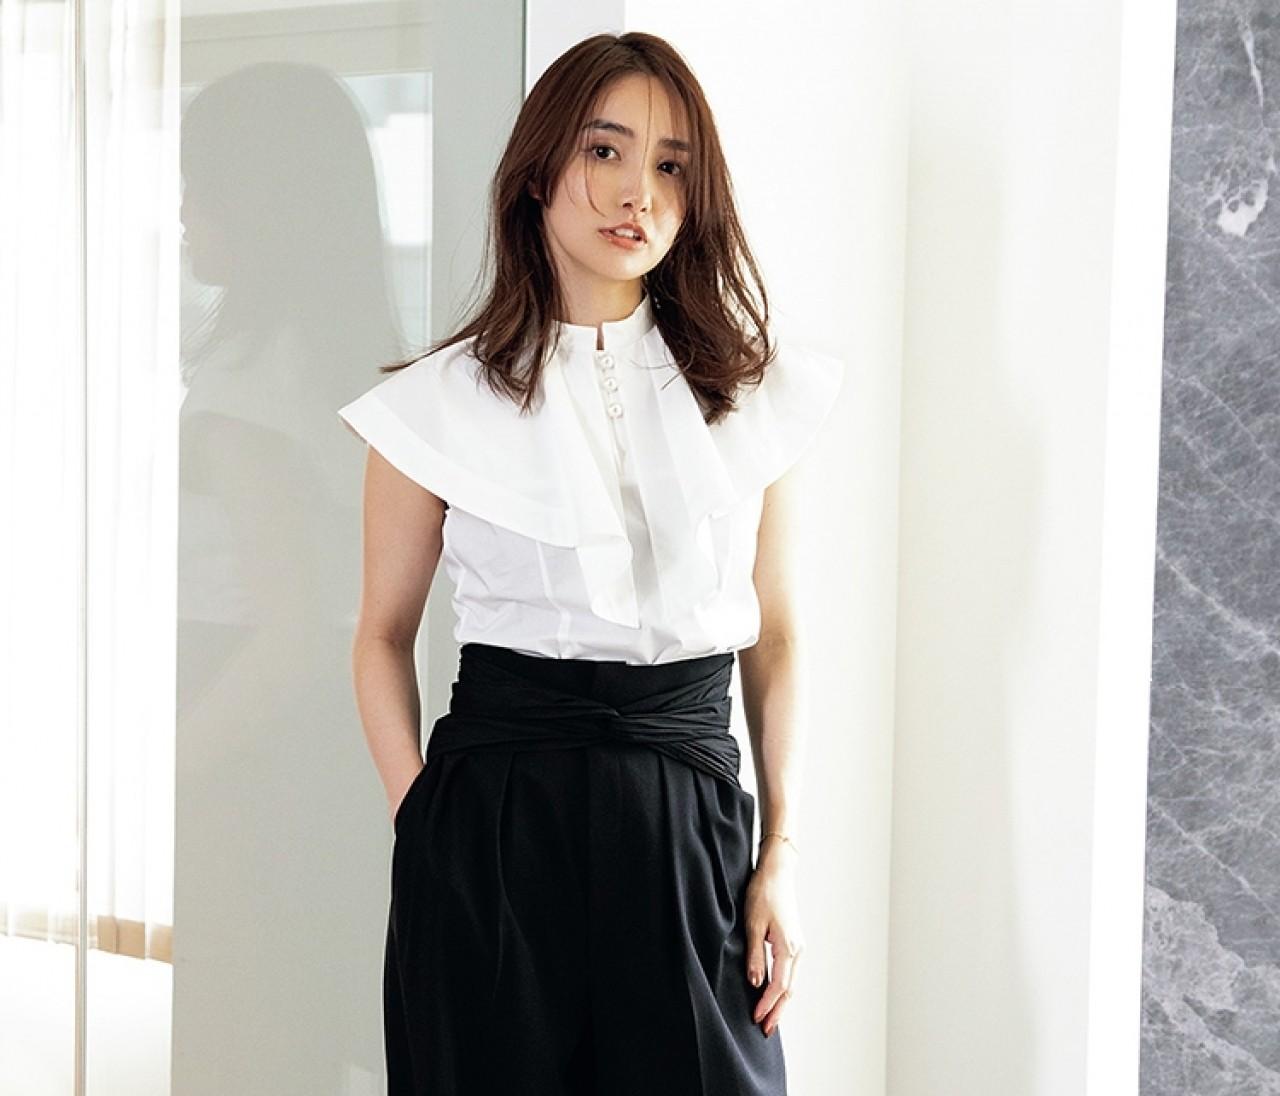 FRAY I.D(フレイ アイディー)プレス、三谷麗子さんの夏スタイルを徹底ルポ。おしゃれ上手のリアルなお手本!